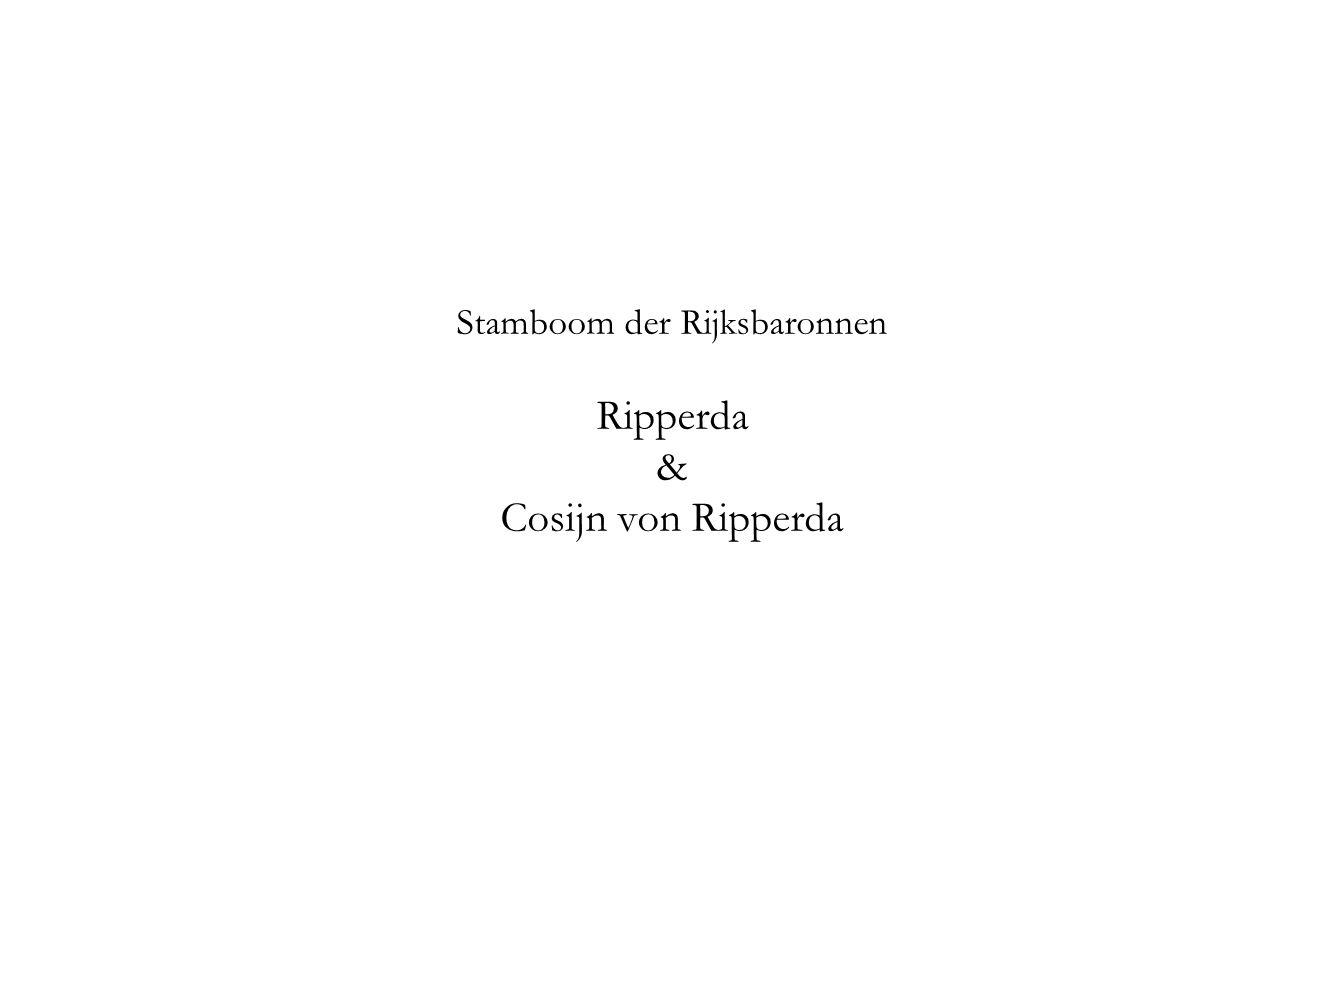 Stamboom der Rijksbaronnen Ripperda & Cosijn von Ripperda